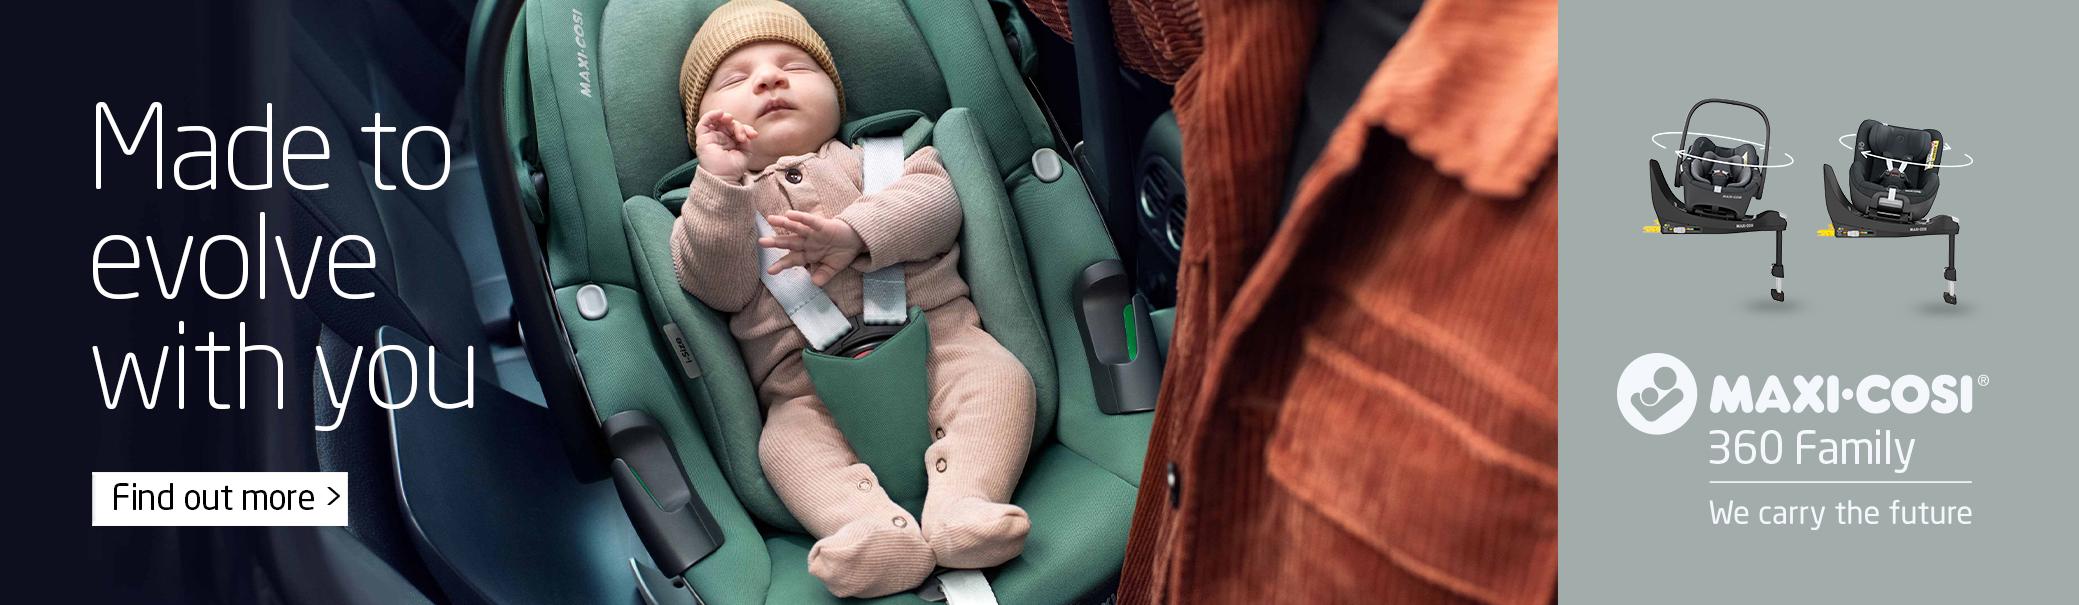 new maxi cosi 360 car seat